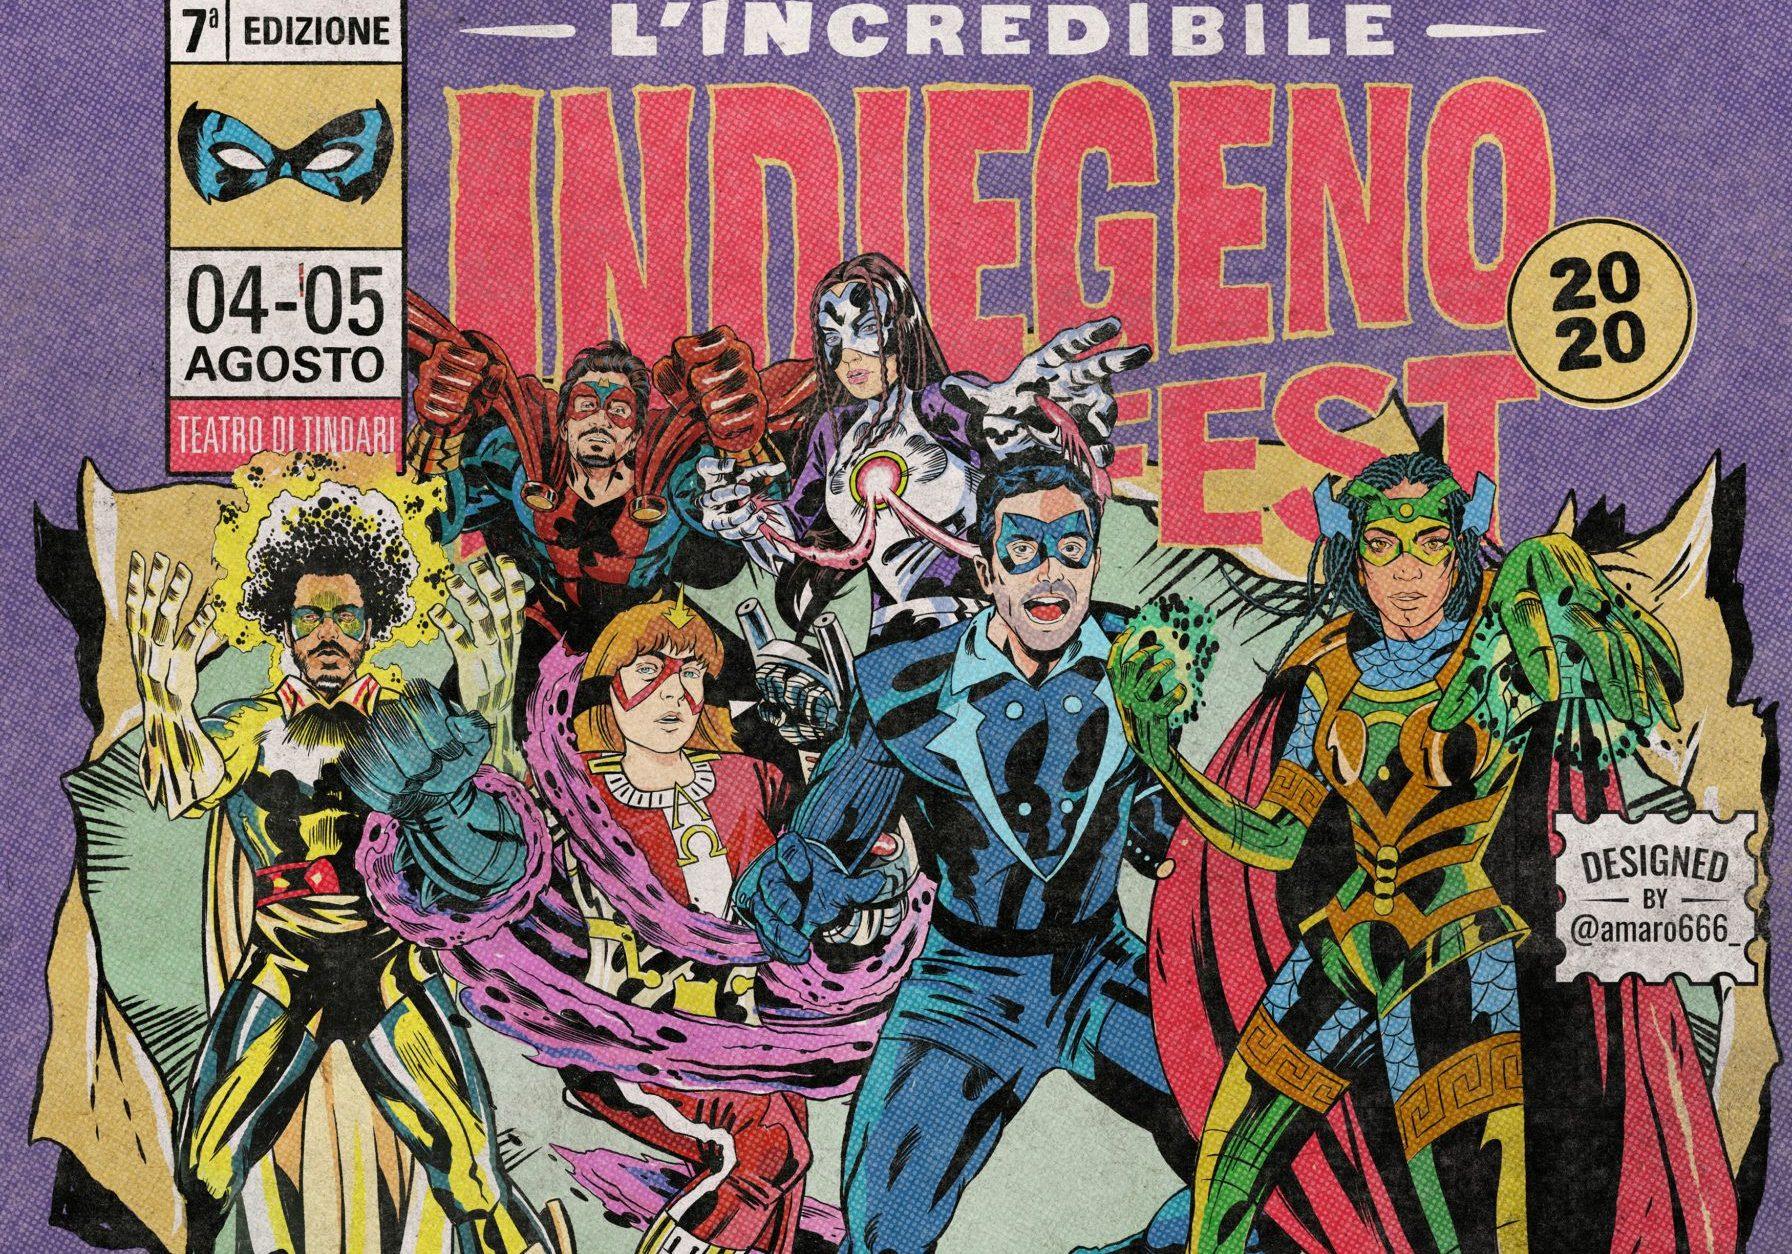 Diodato, Elodie e gli altri supereroi di Indiegeno Fest